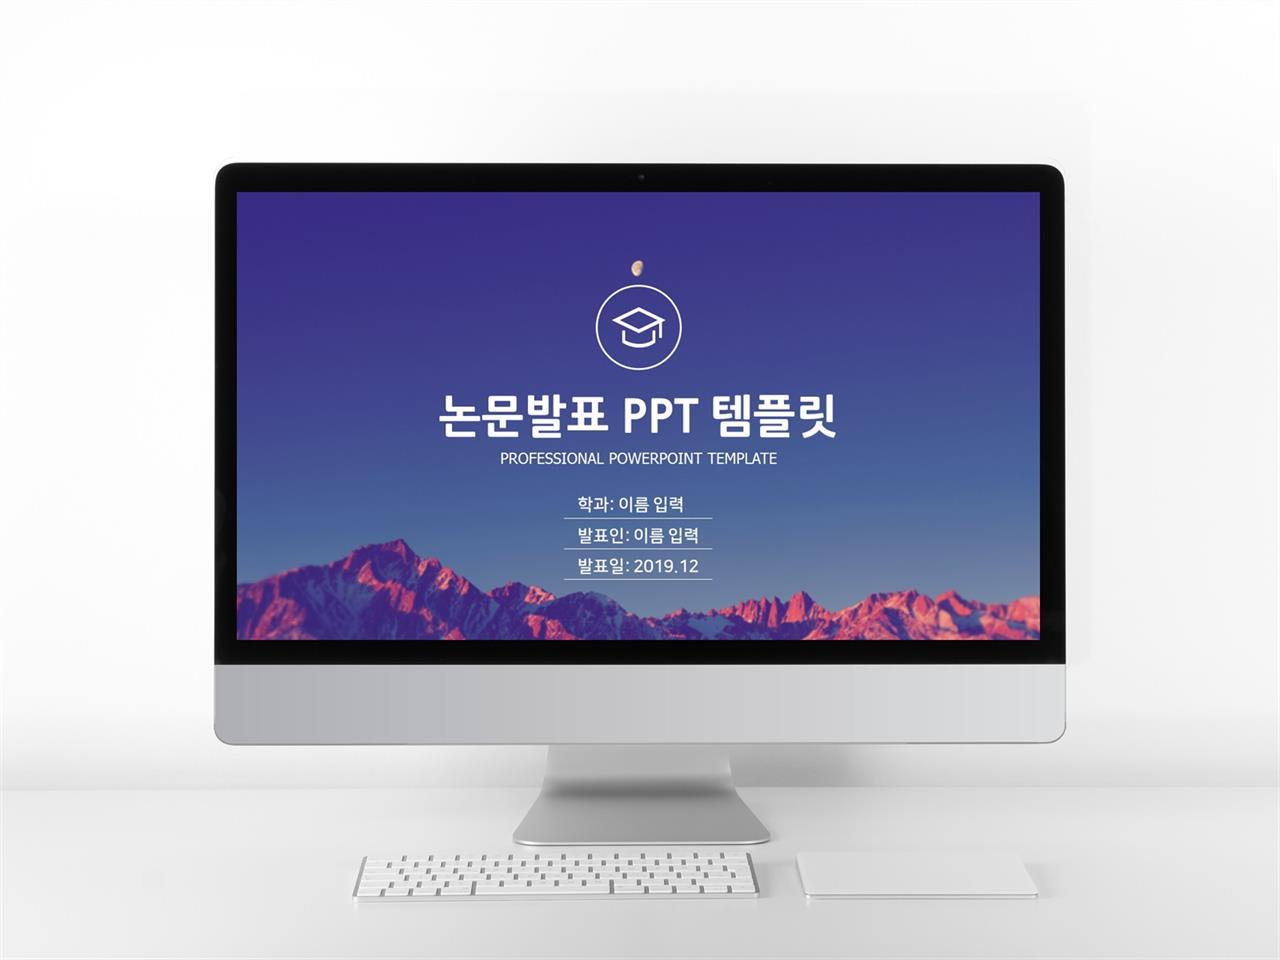 졸업발표 자주색 단순한 고급형 POWERPOINT템플릿 디자인 미리보기